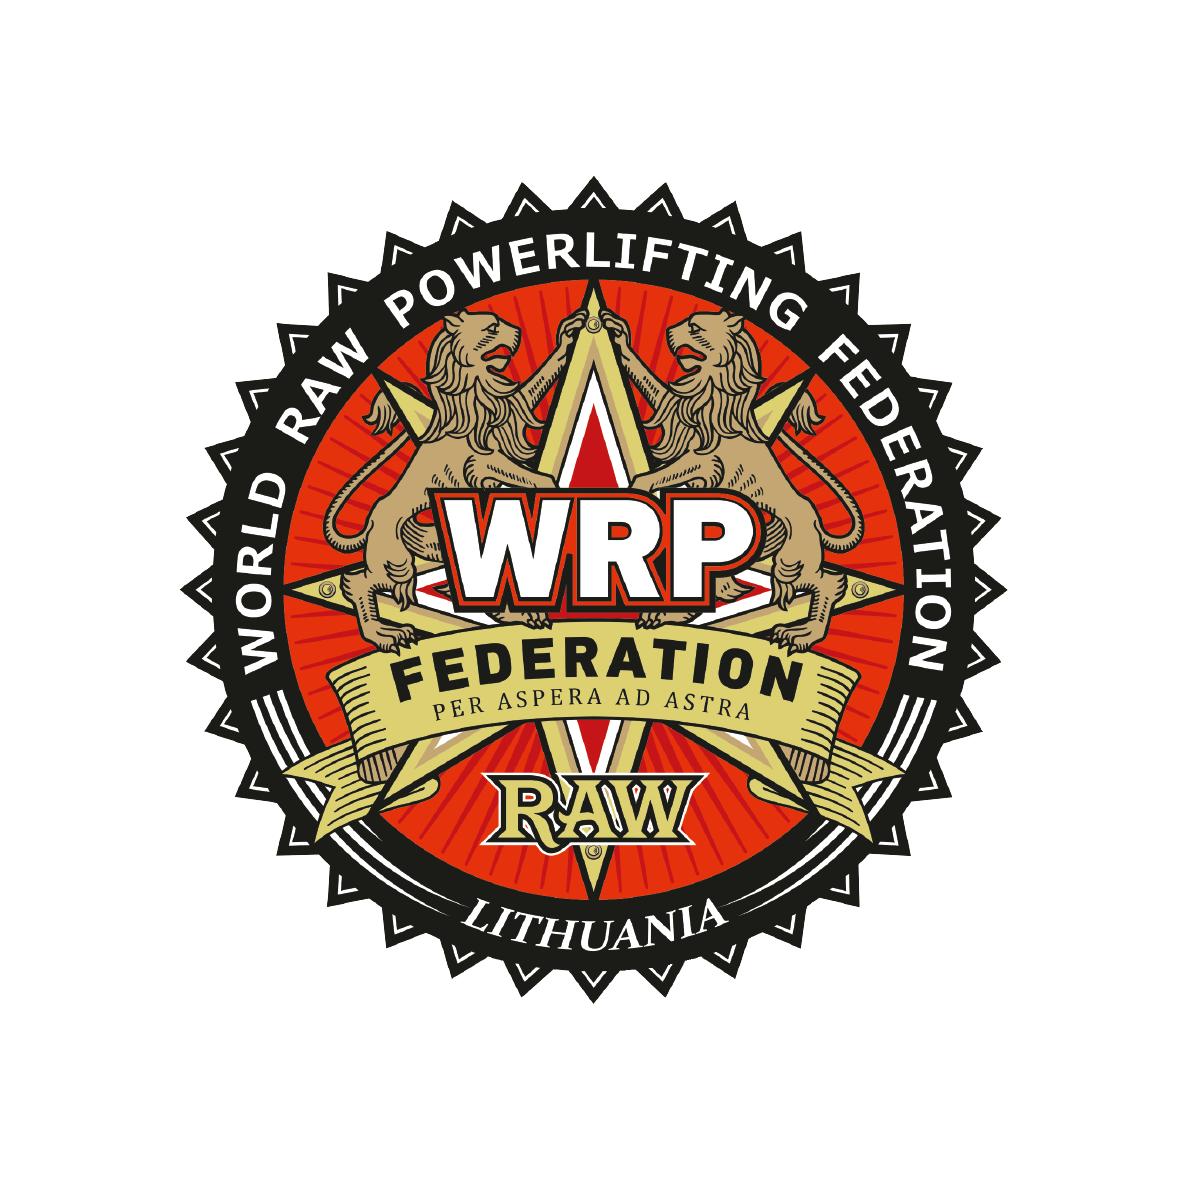 WRPF Lietuva